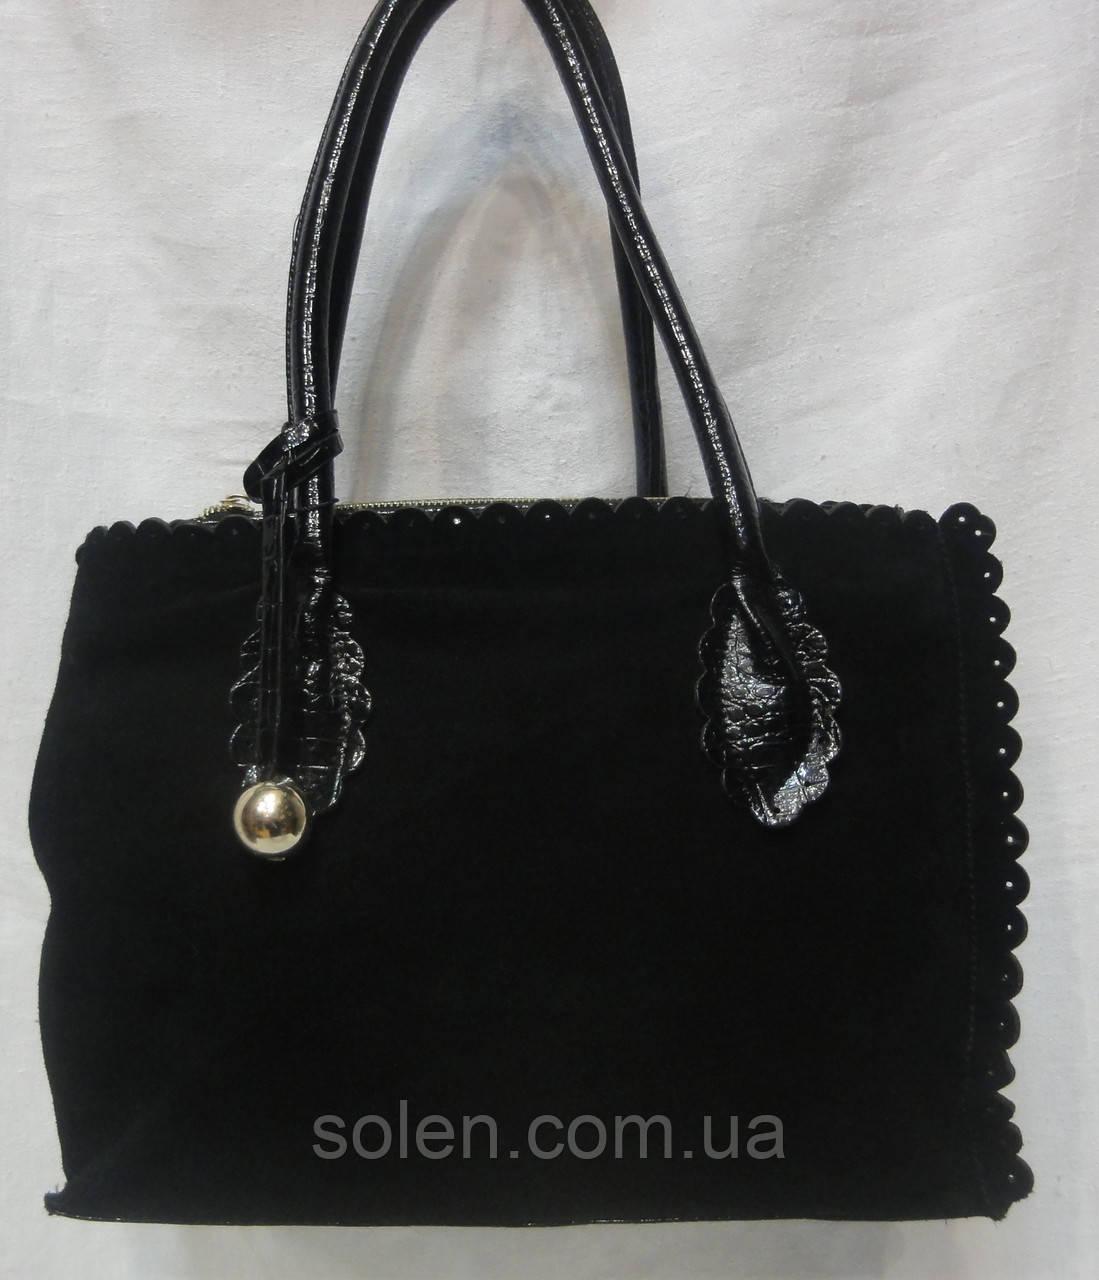 Стильная сумка из натурального замша и искусственной лаковой кожи.